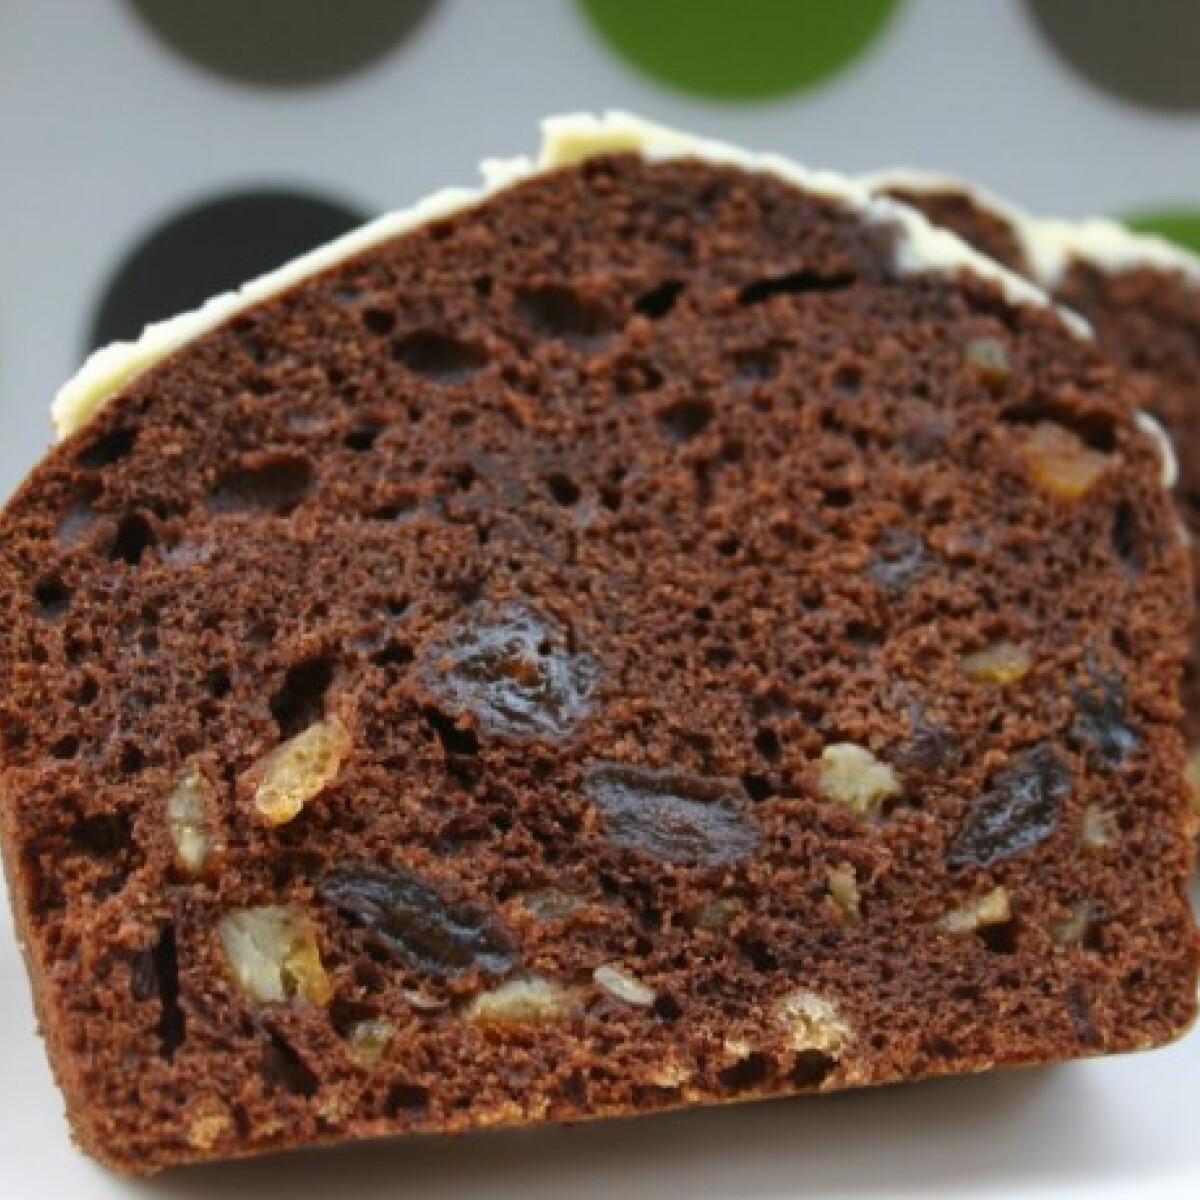 Aszalt gyümölcsös-kakaós süti